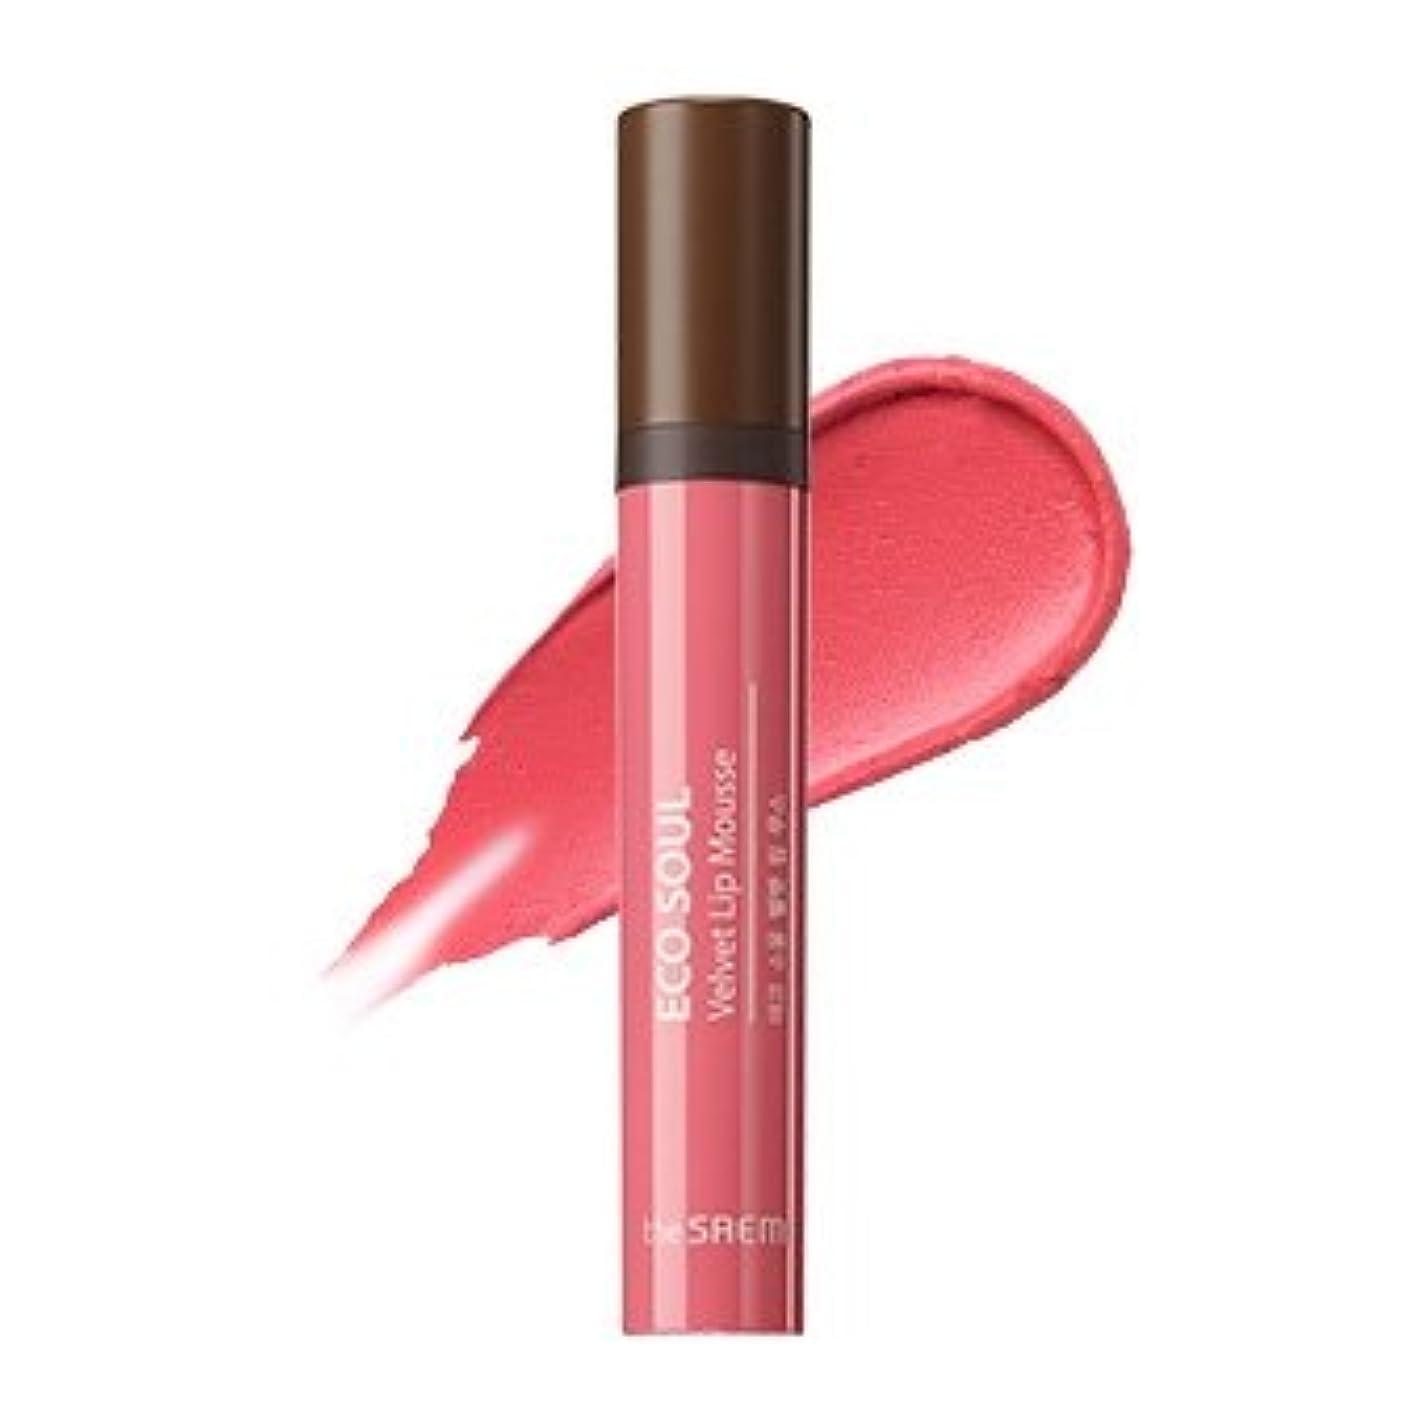 現象純粋なメンターthe SAEM Eco Soul Velvet Lip Mousse 5.5g/ザセム エコ ソウル ベルベット リップ ムース 5.5g (#CR01 Bless You) [並行輸入品]